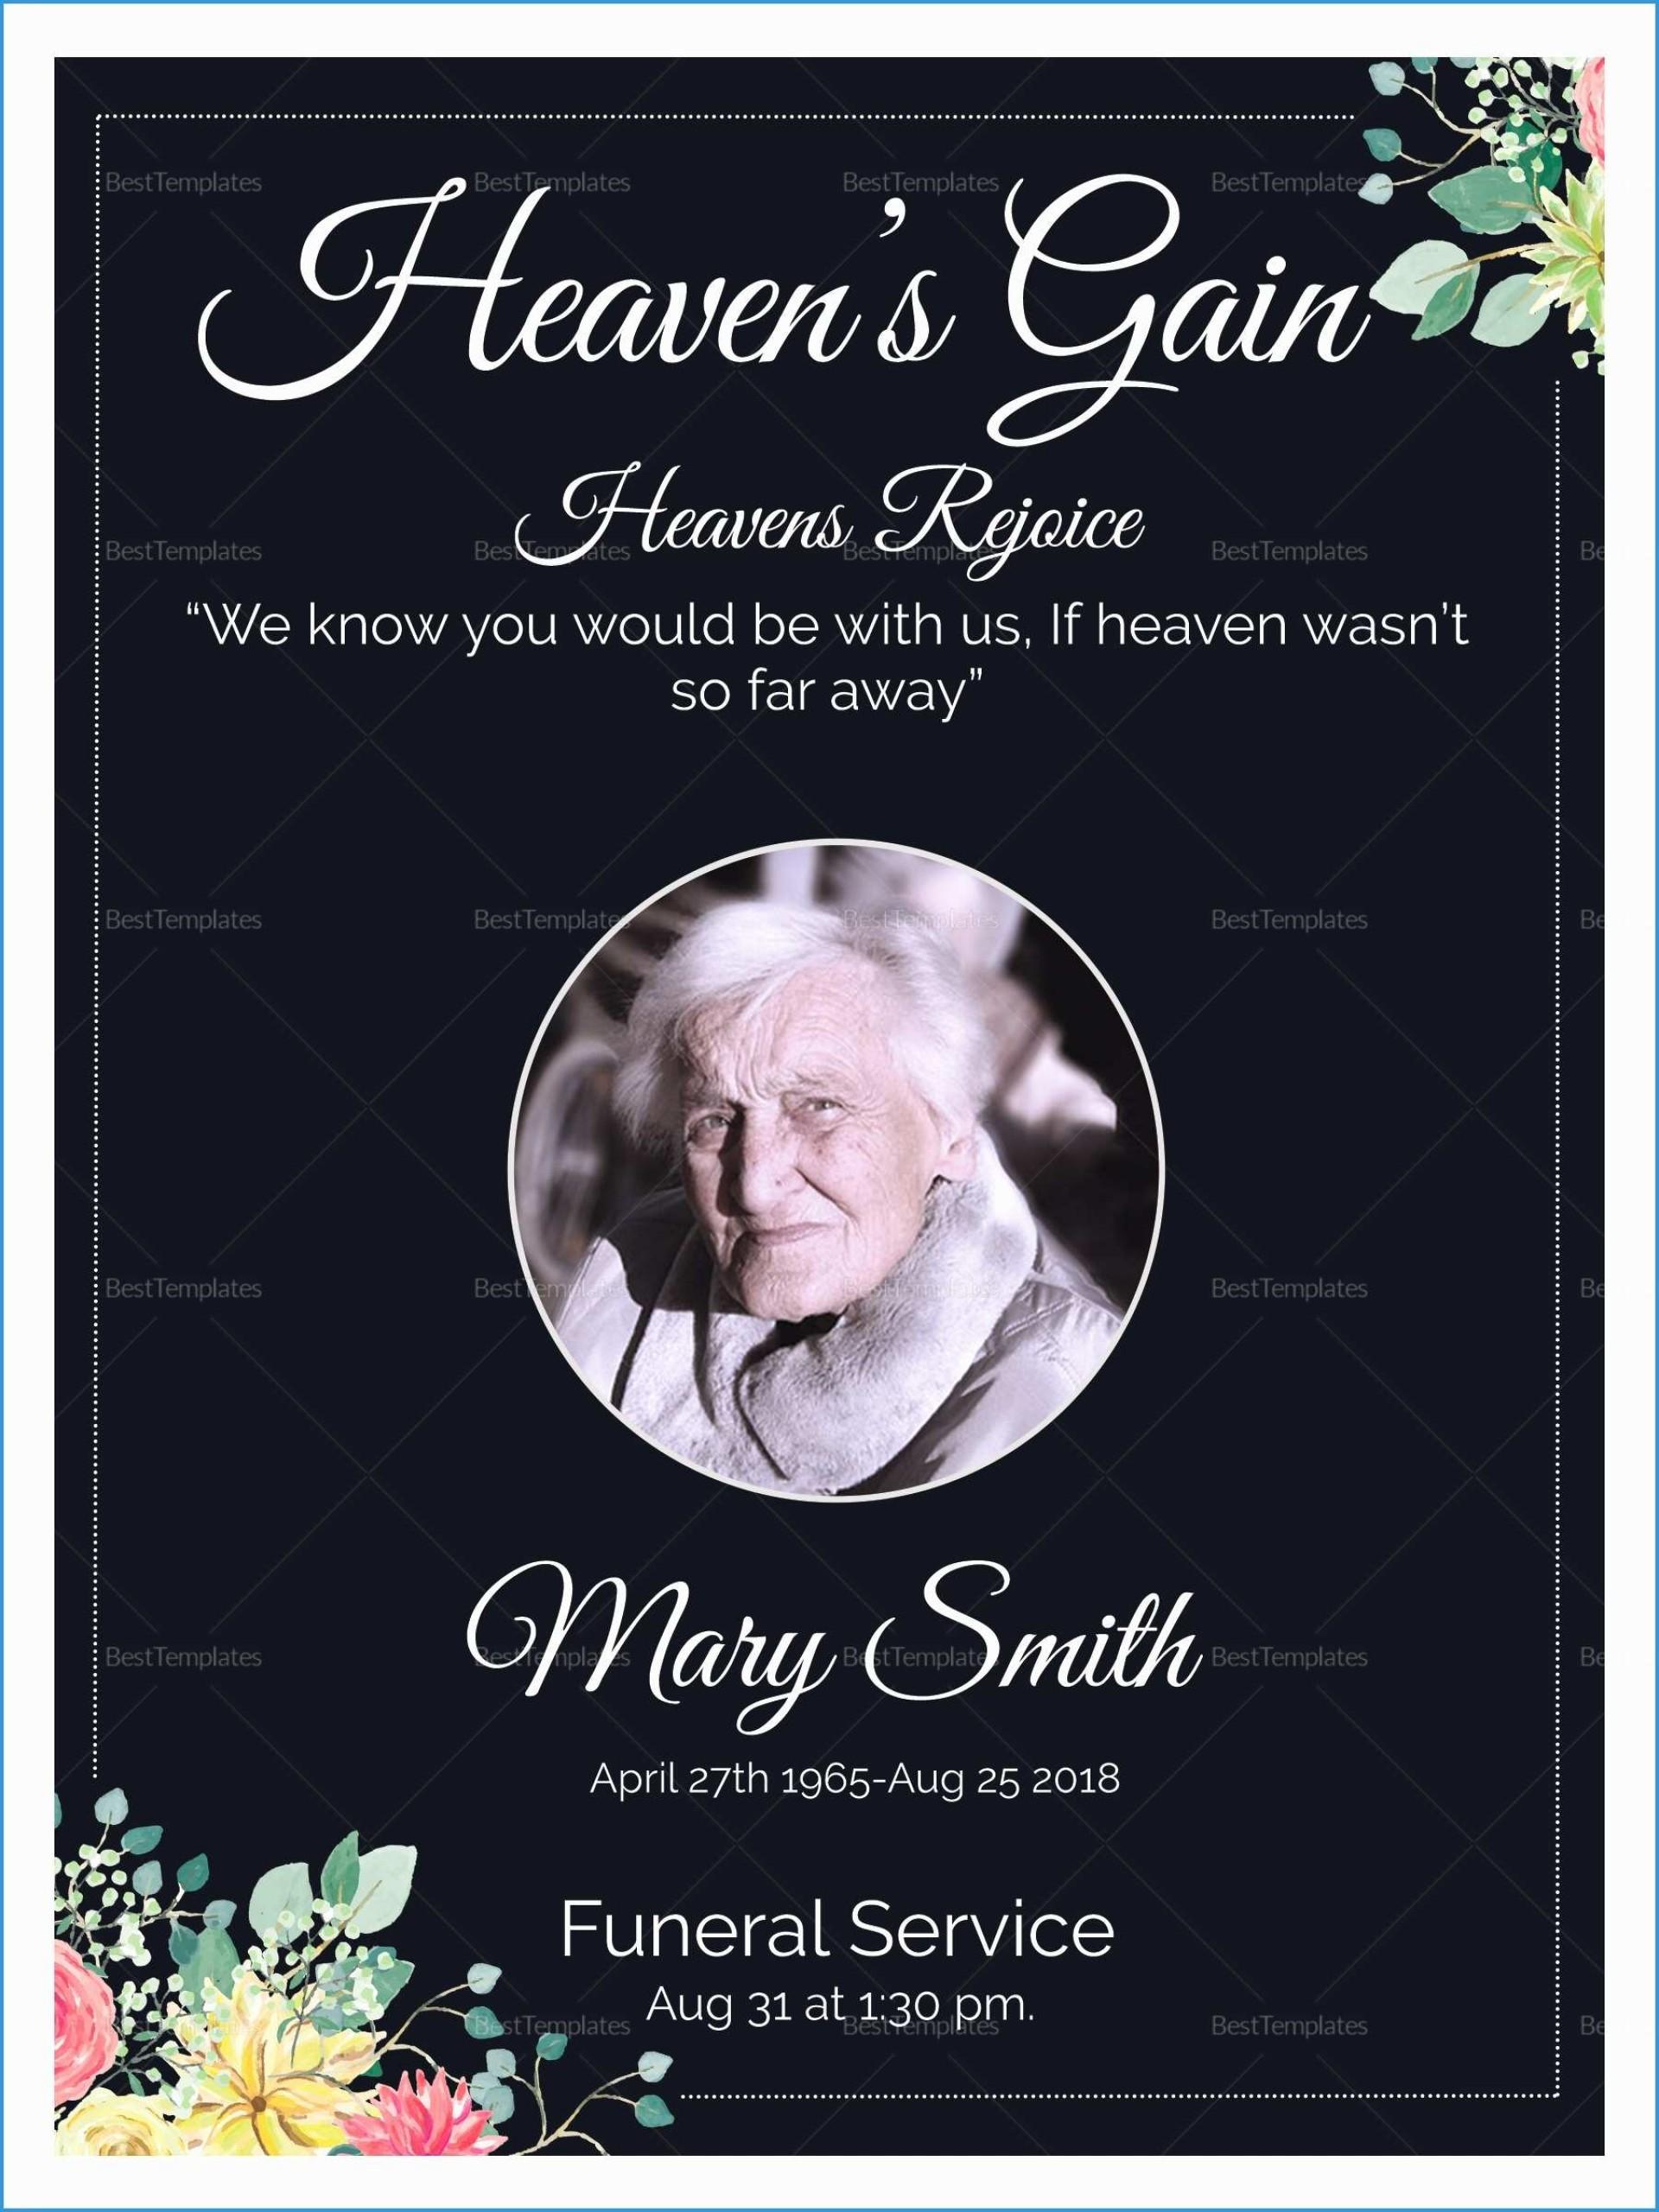 Memorial Service Invitation Card Template